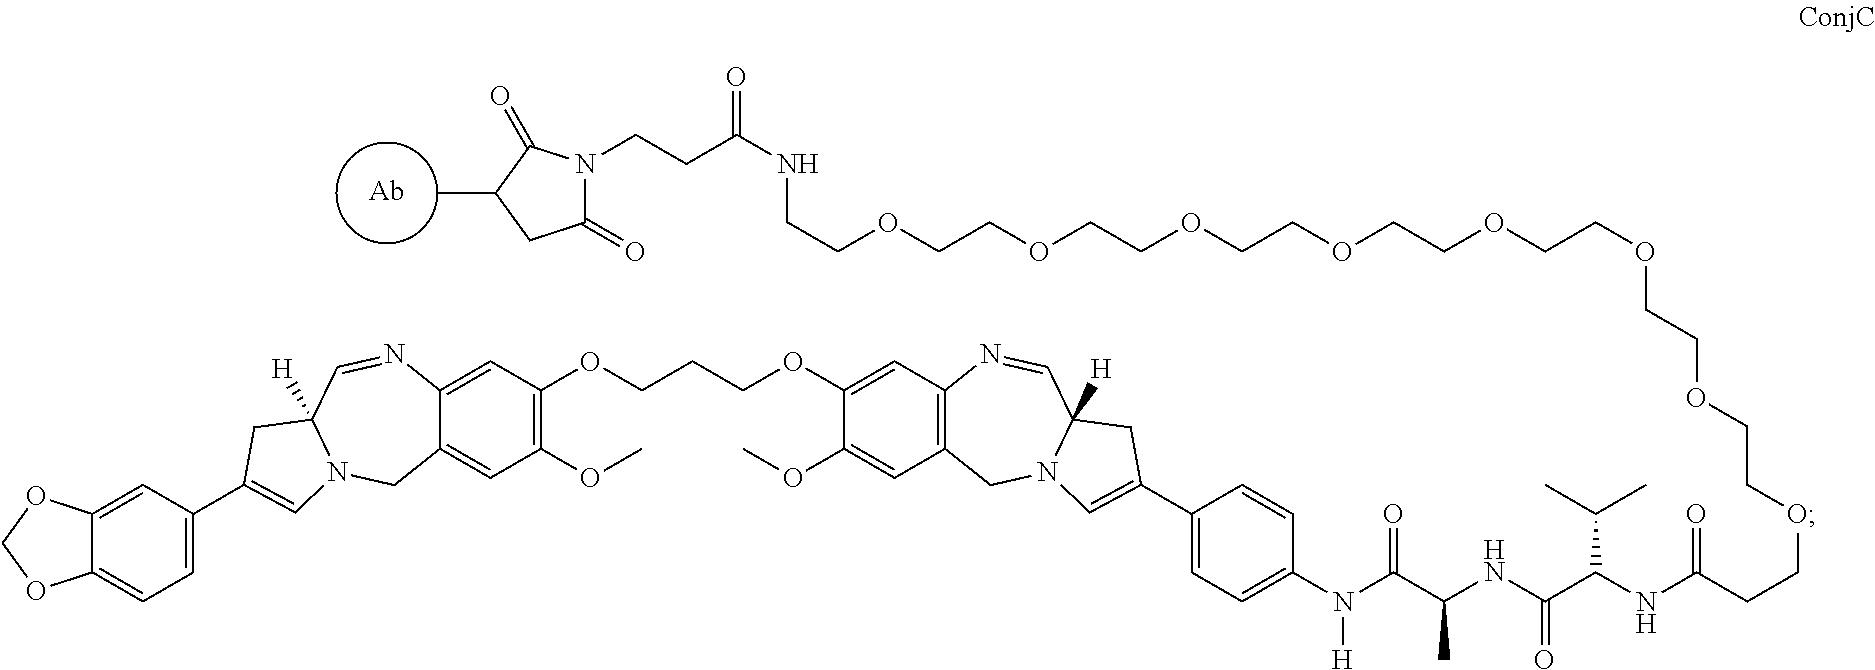 Figure US09919056-20180320-C00018